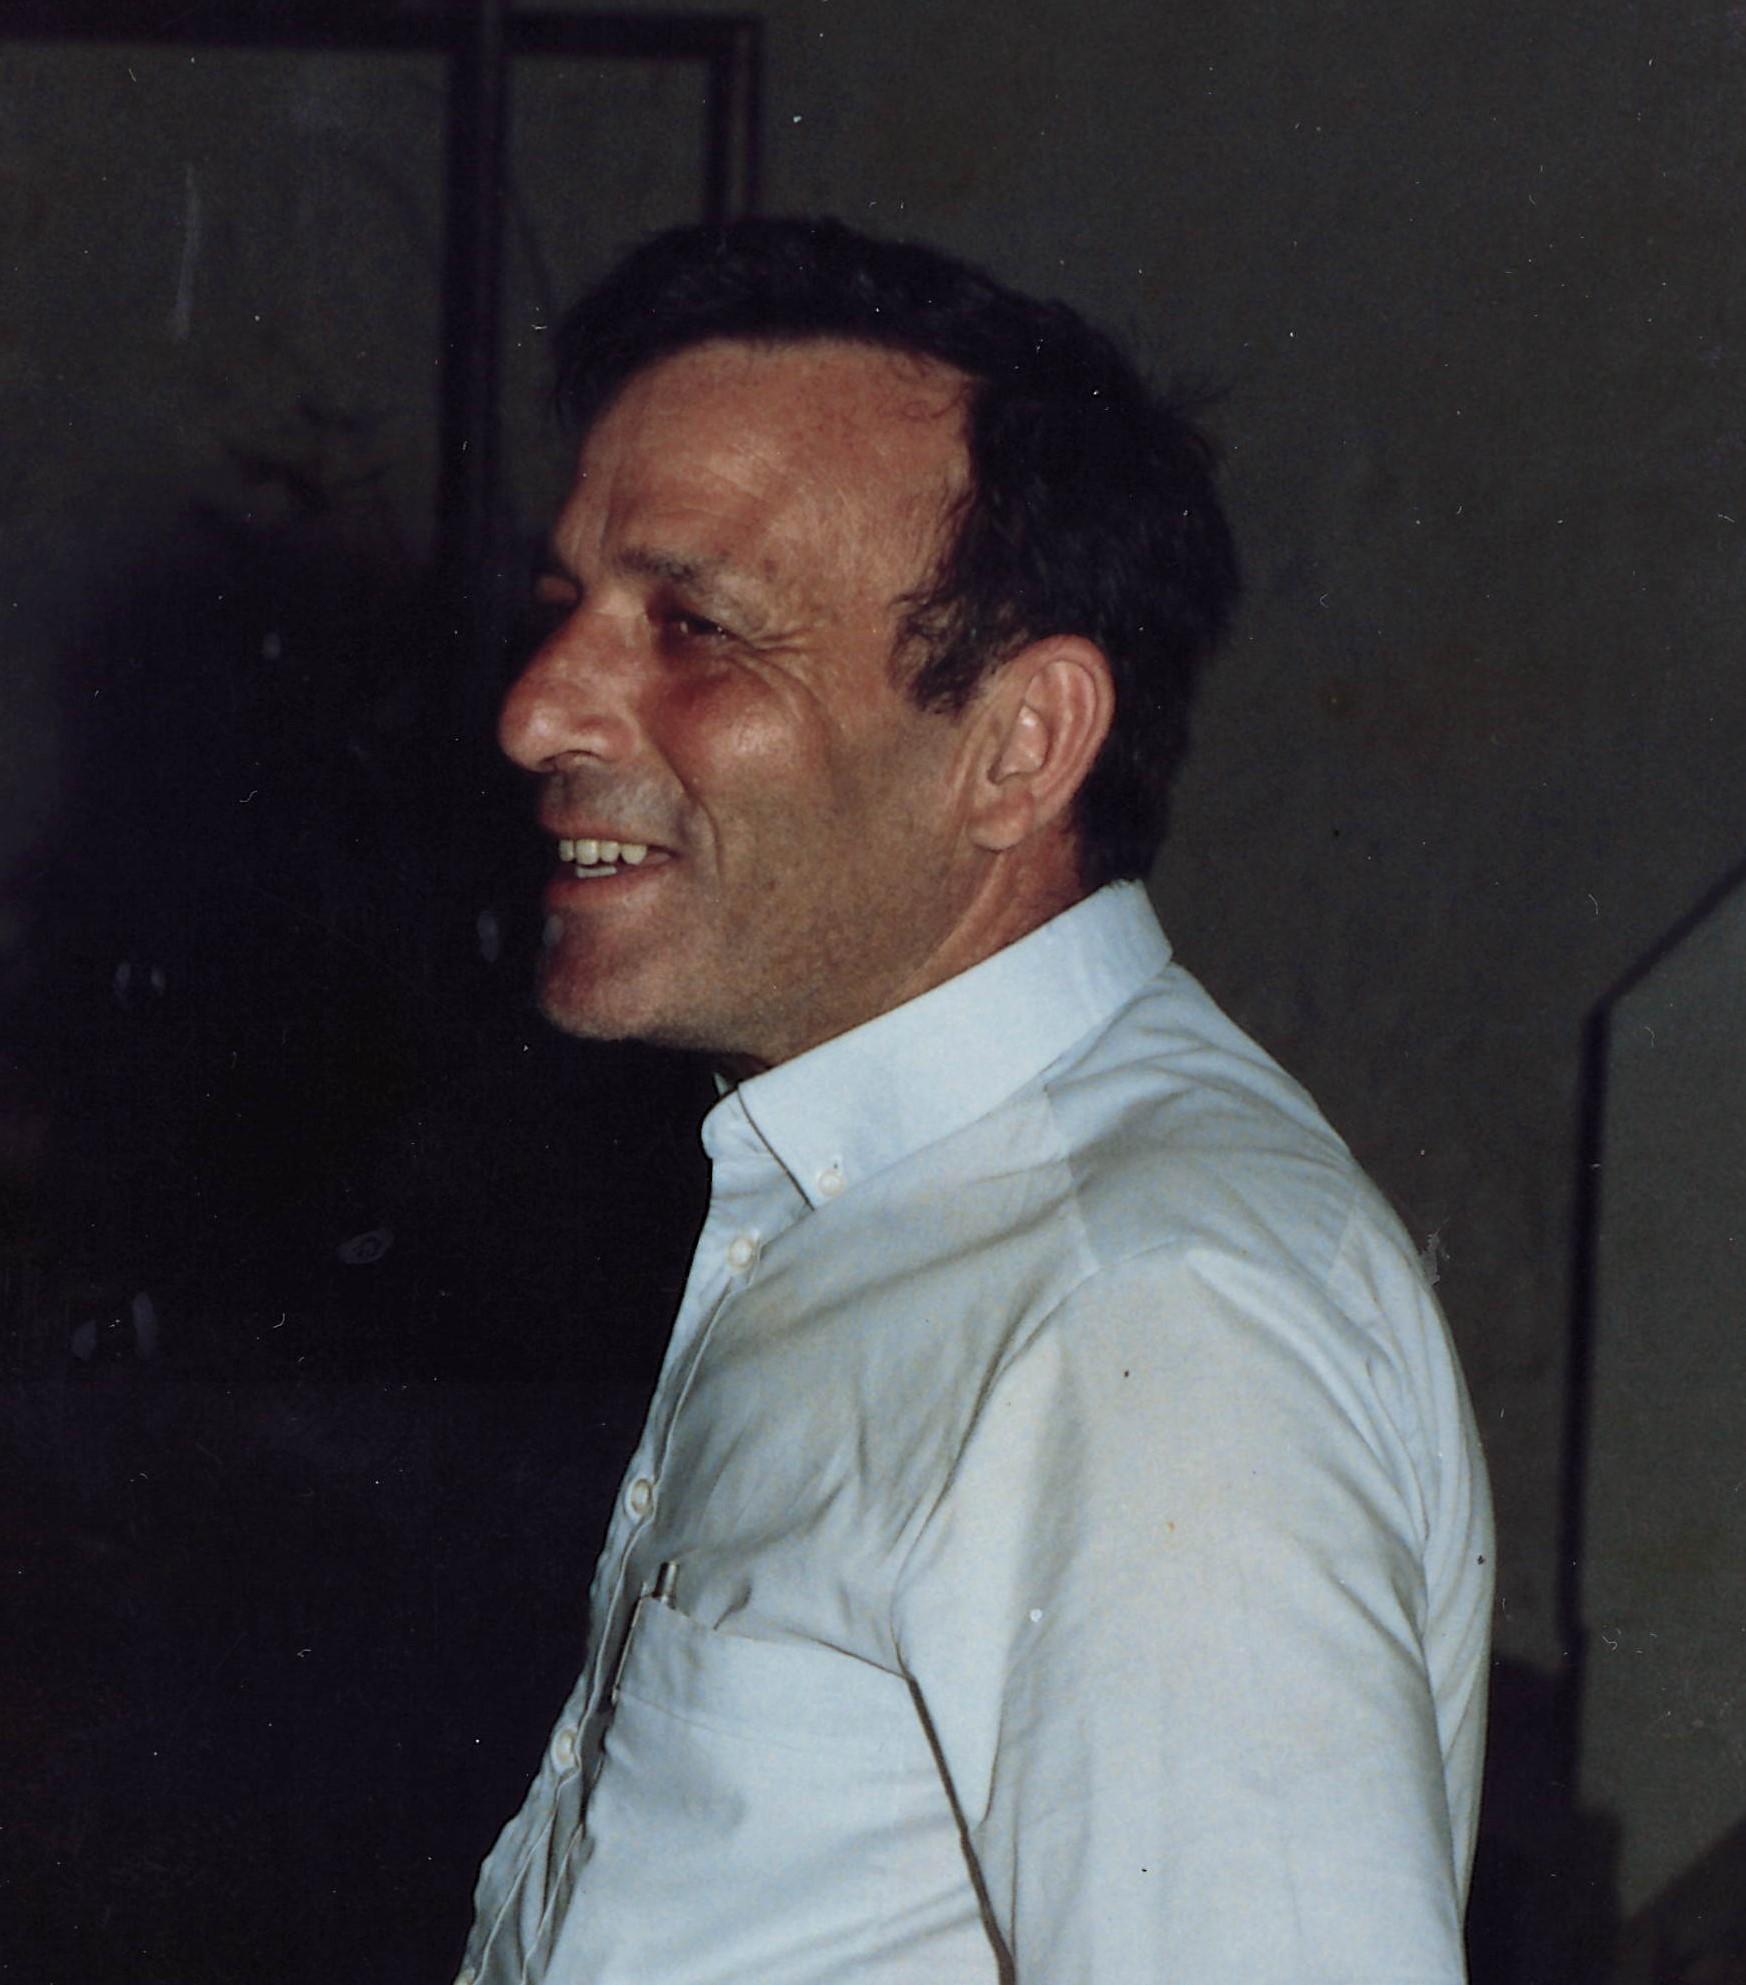 José Bernardino Correia Vedes